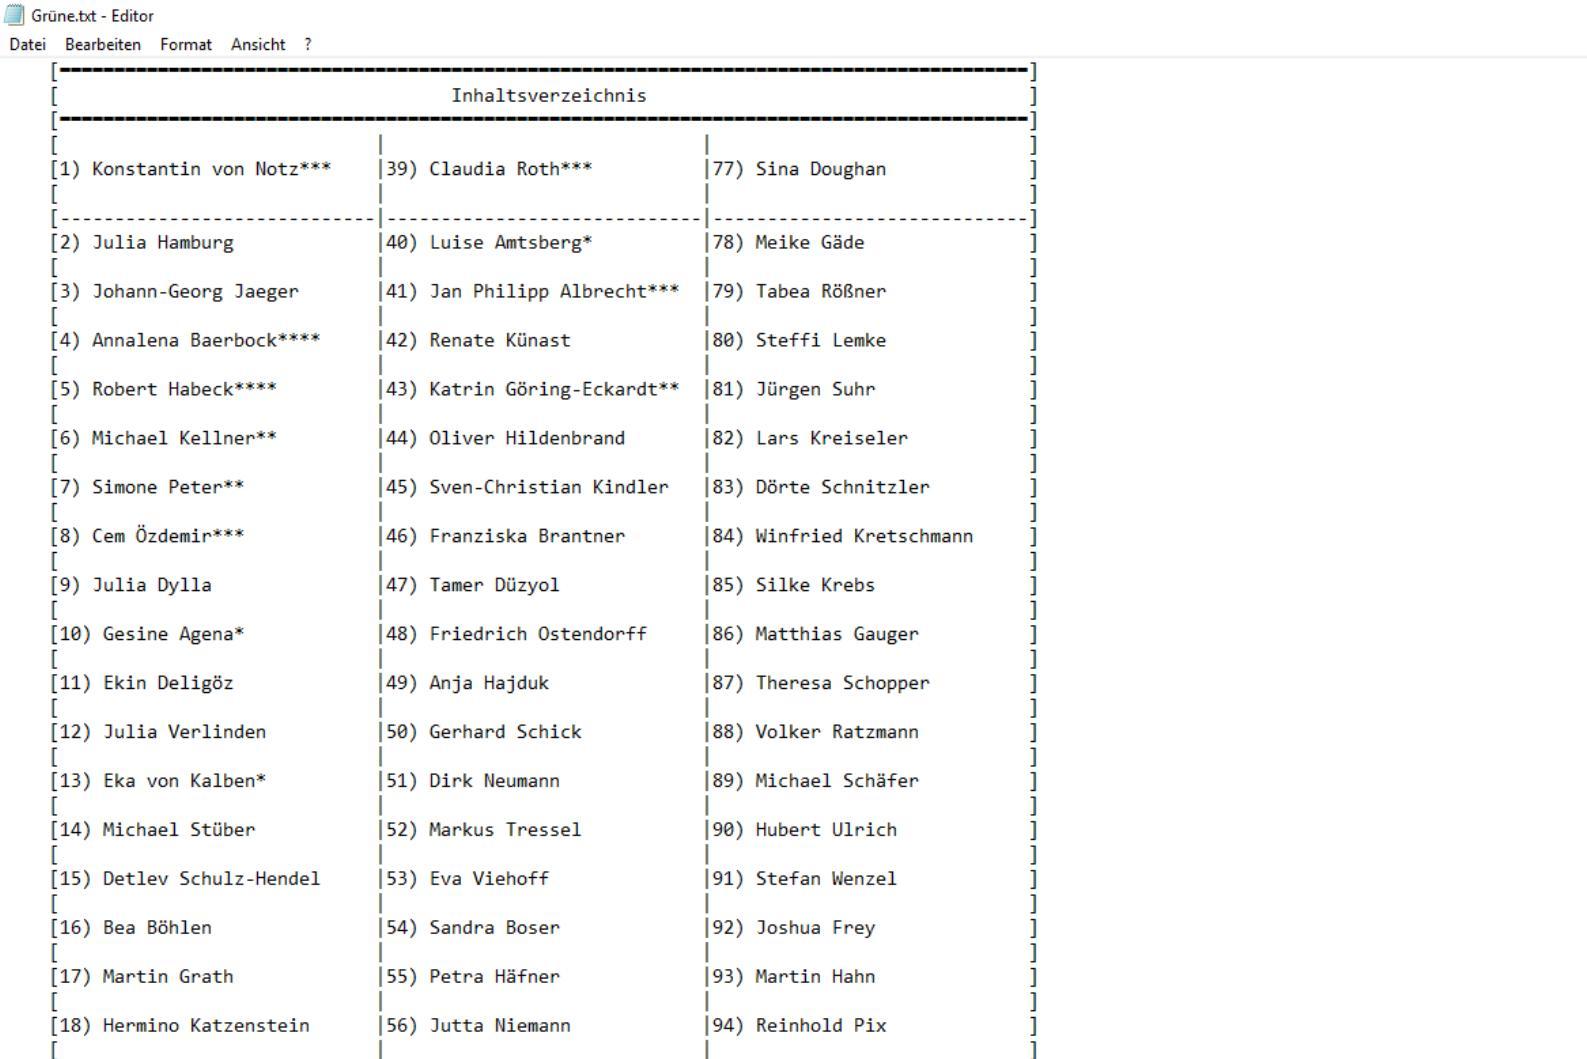 Datenleak: Ermittler nehmen Verdächtigen fest - Der Hacker listete die Daten akribisch auf, sogar mit einem Inhaltsverzeichnis. Je mehr Sterne, desto mehr Daten. (Screenshot: Golem.de, Unkenntlichmachung von Golem.de)